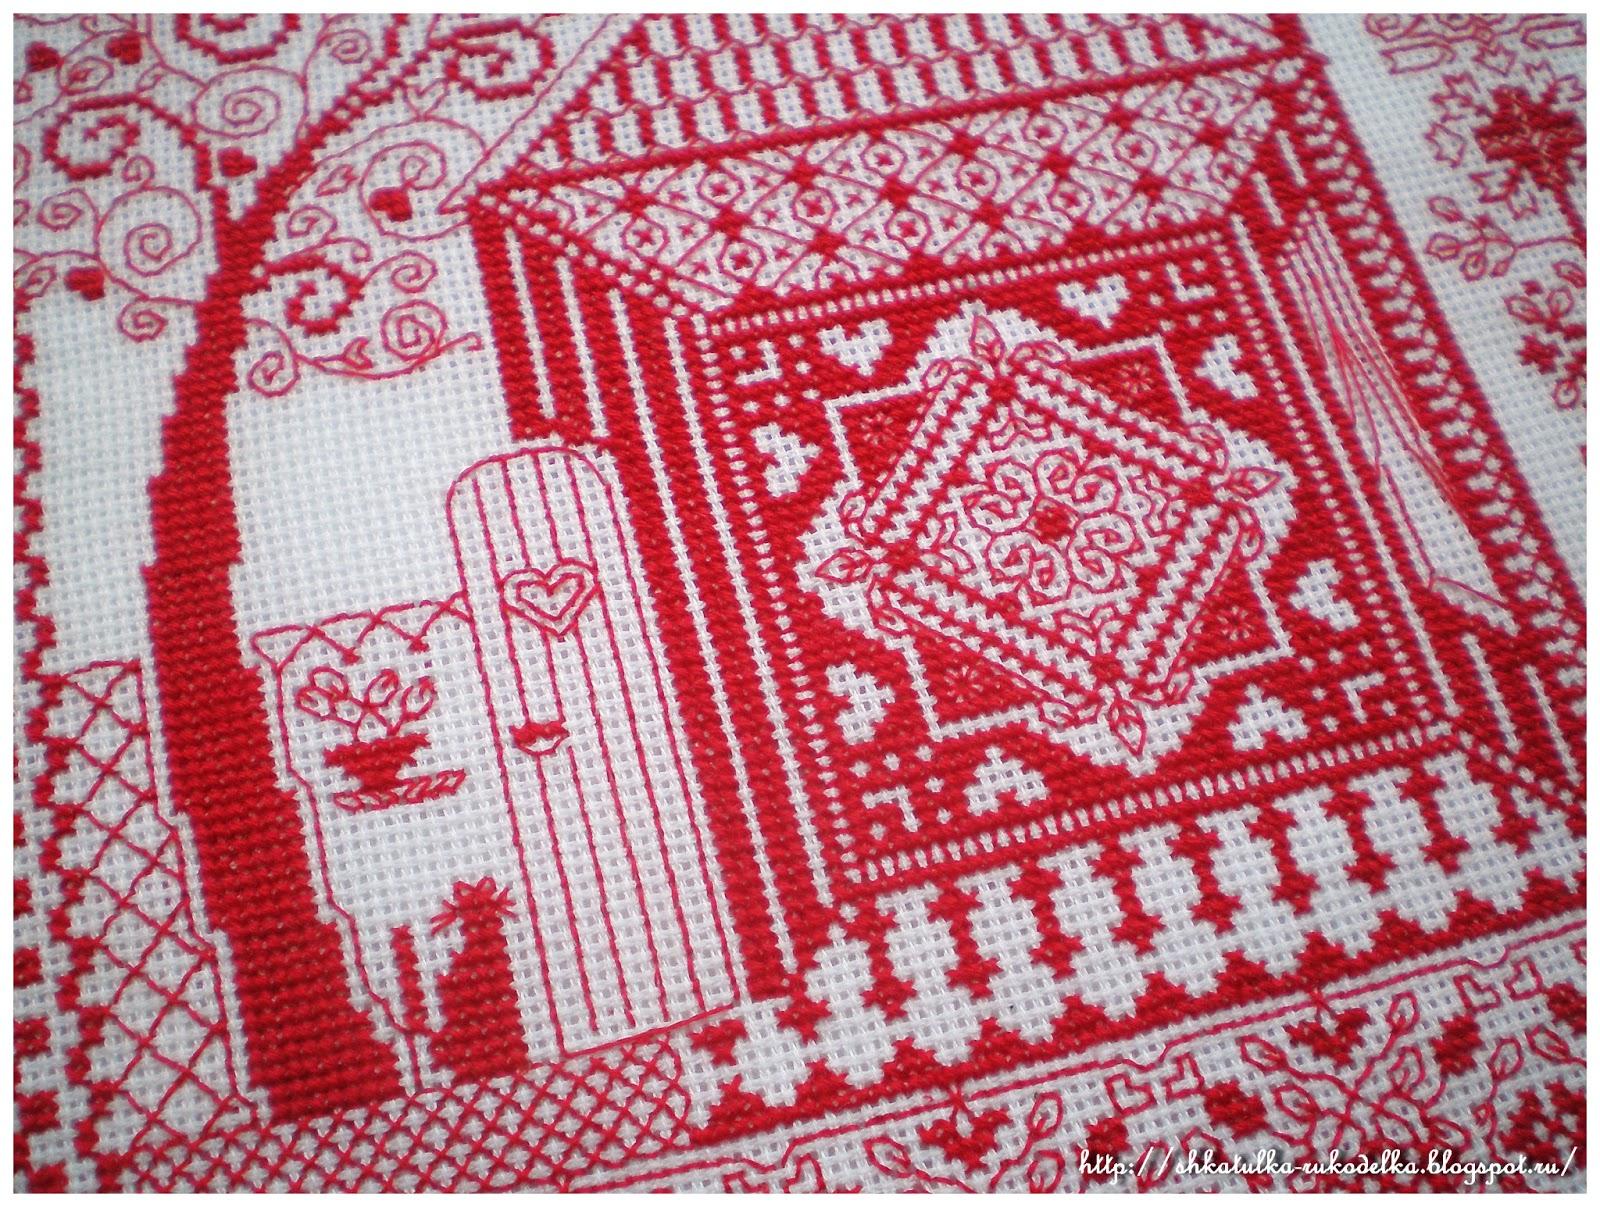 Оберег домашнего очага - Каталог схем для вышивки крестом 57